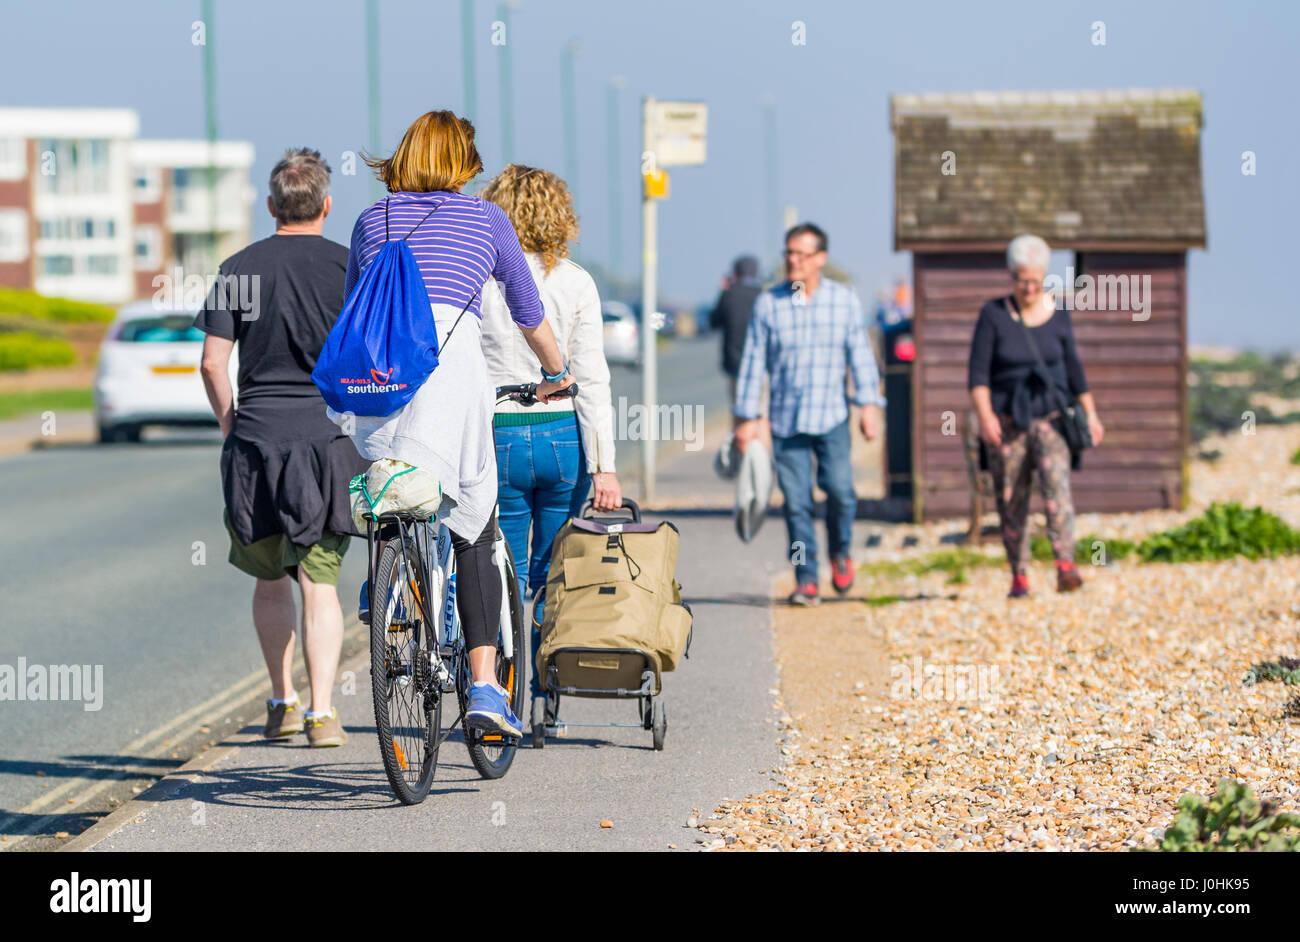 Cycliste sur un trottoir étant bloqué par des gens qui marchent. Photo Stock